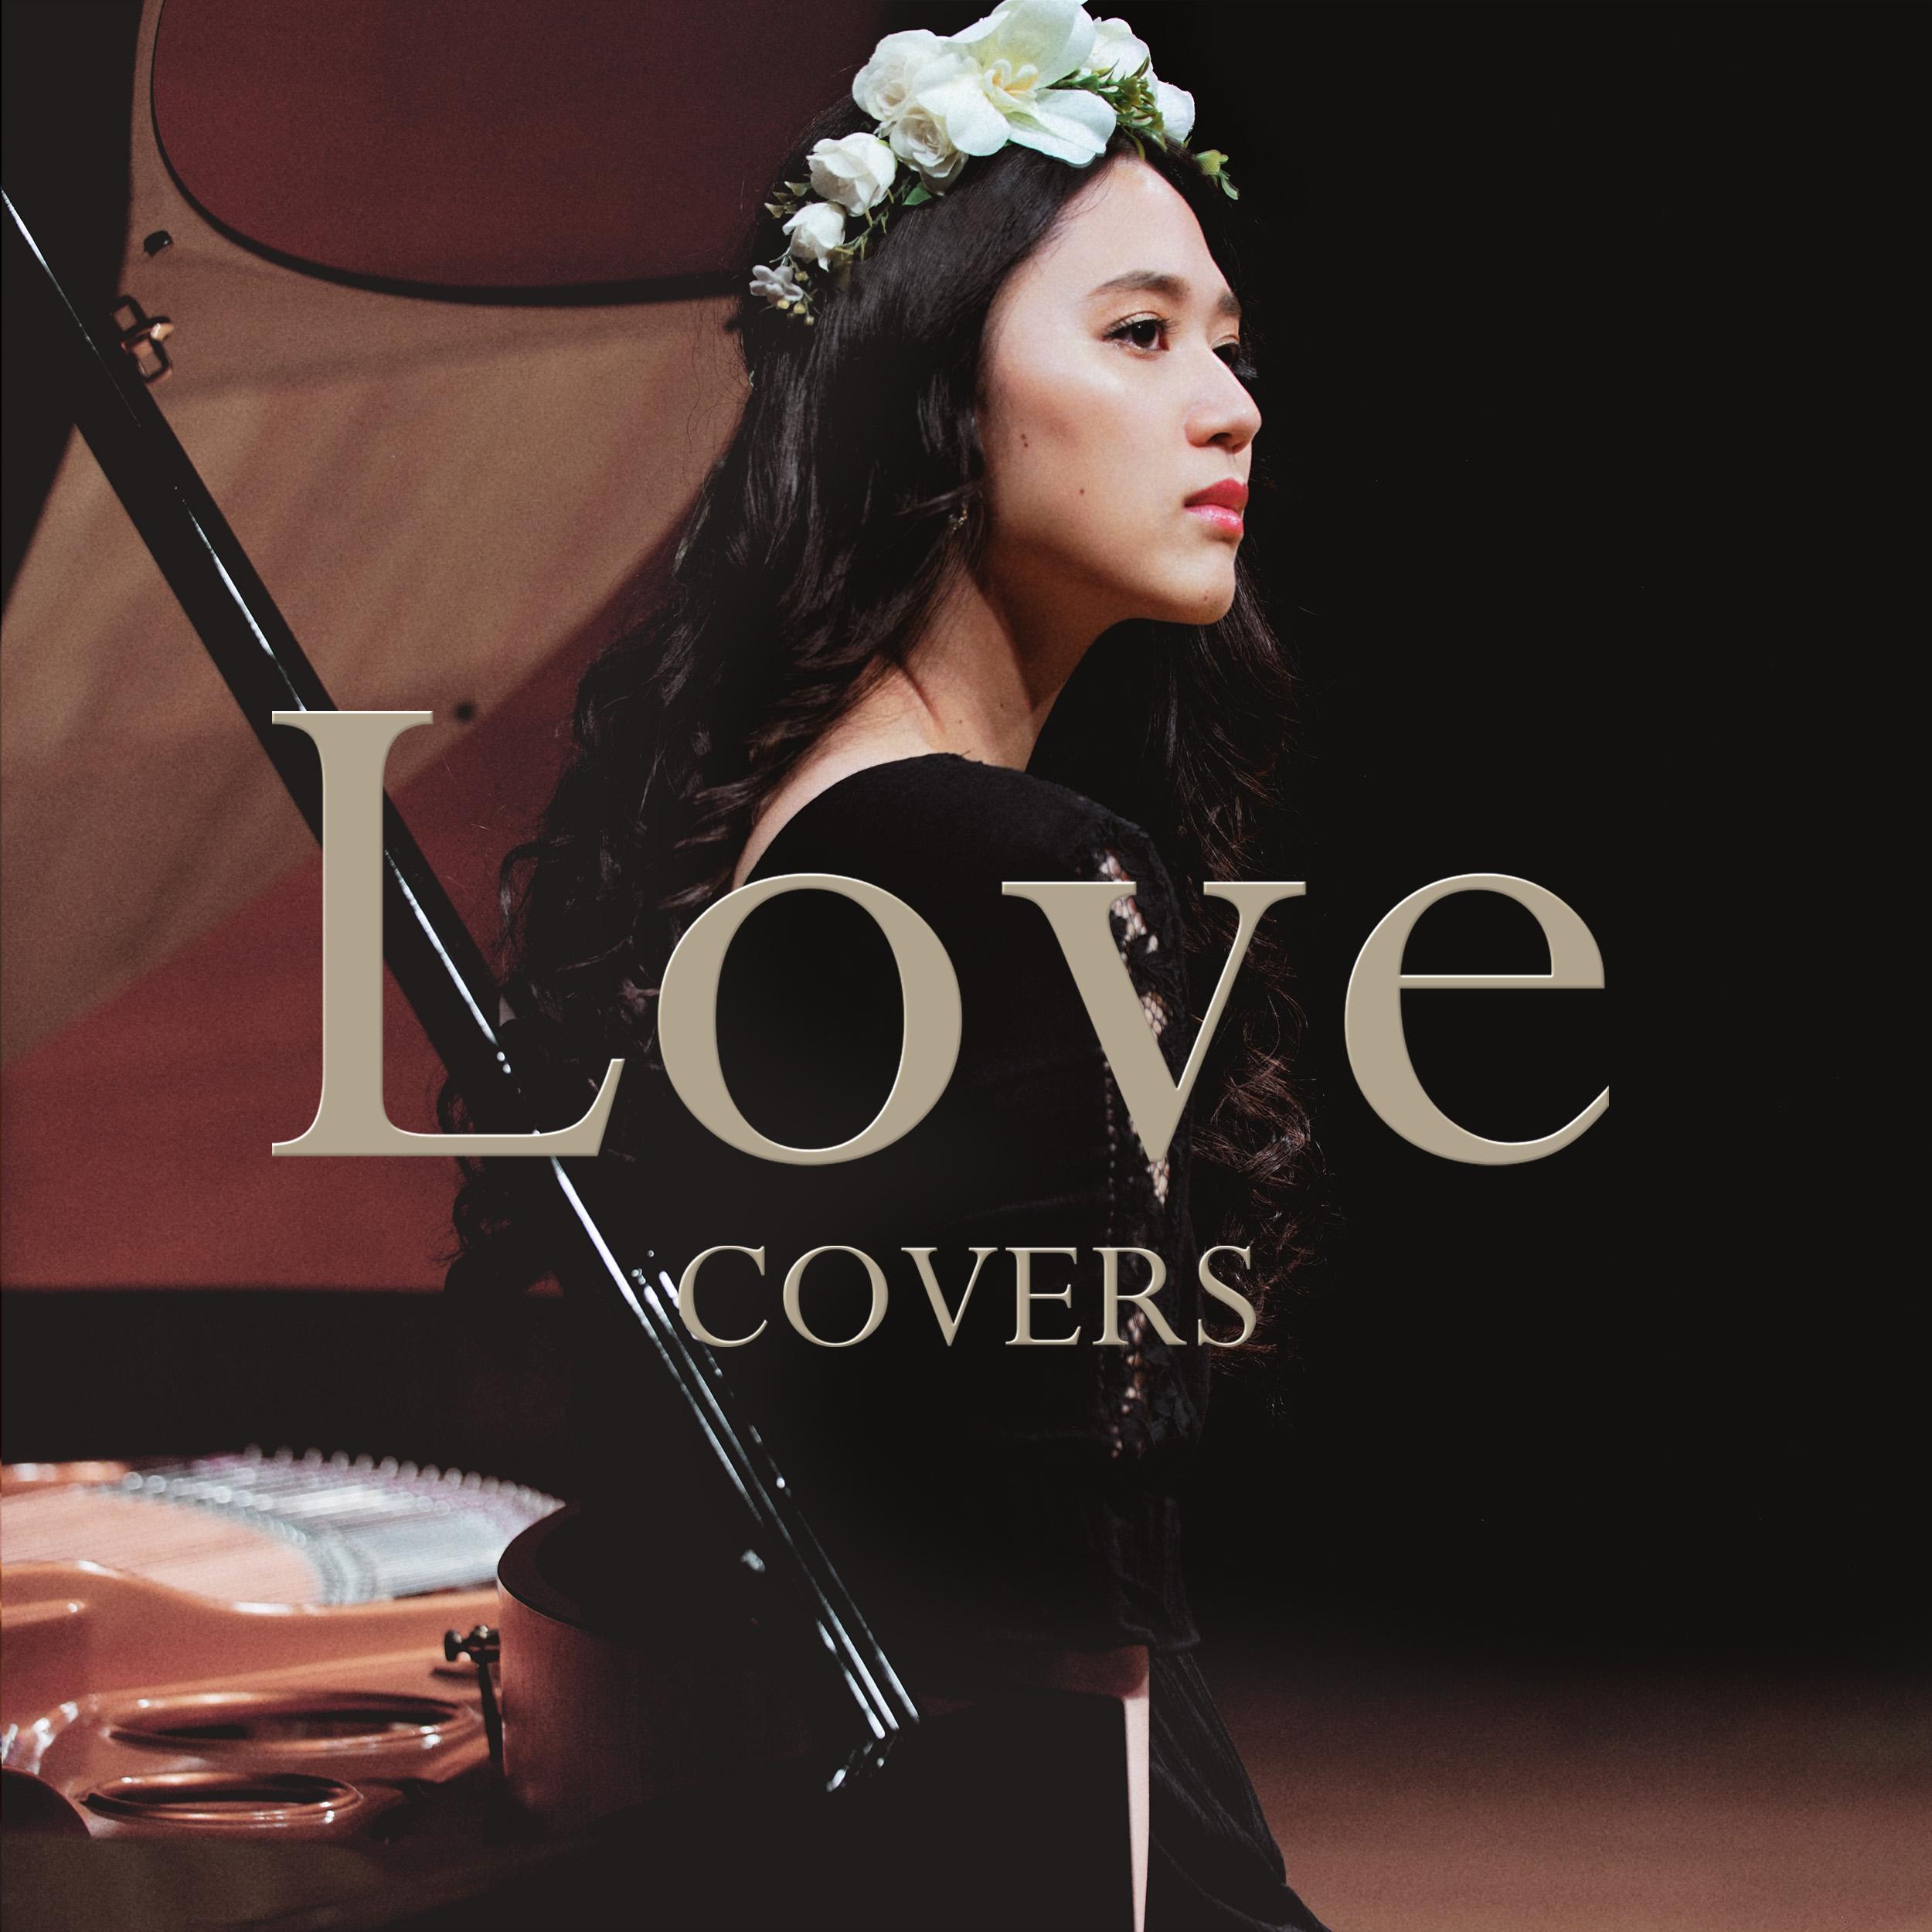 配信ミニアルバム『LOVE COVERS』